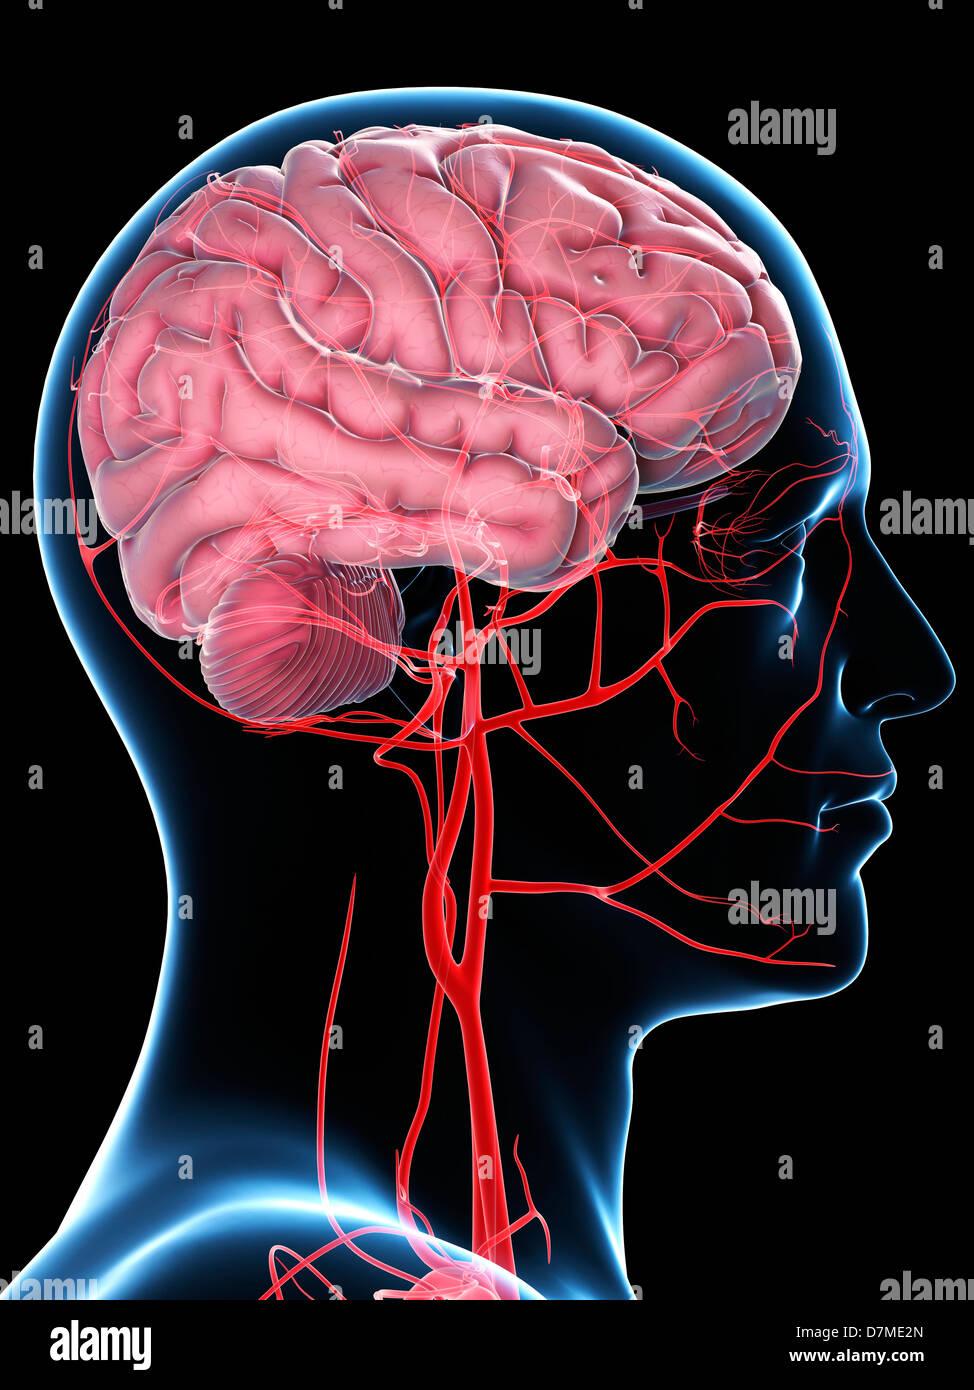 Body Blood Supply Imágenes De Stock & Body Blood Supply Fotos De ...